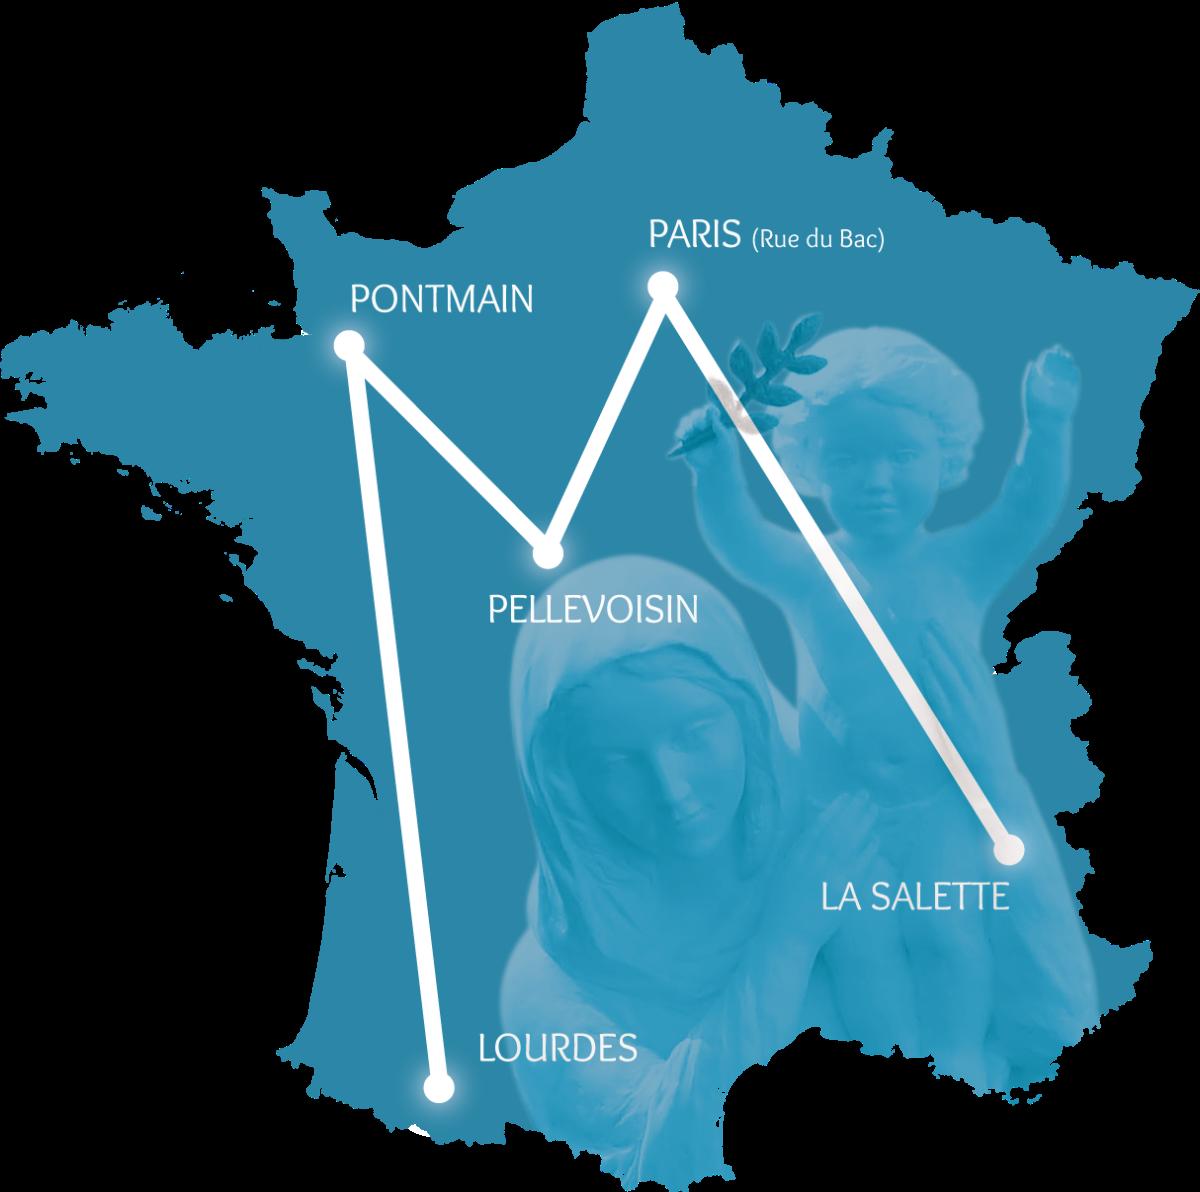 105254-trois-projets-pour-la-france